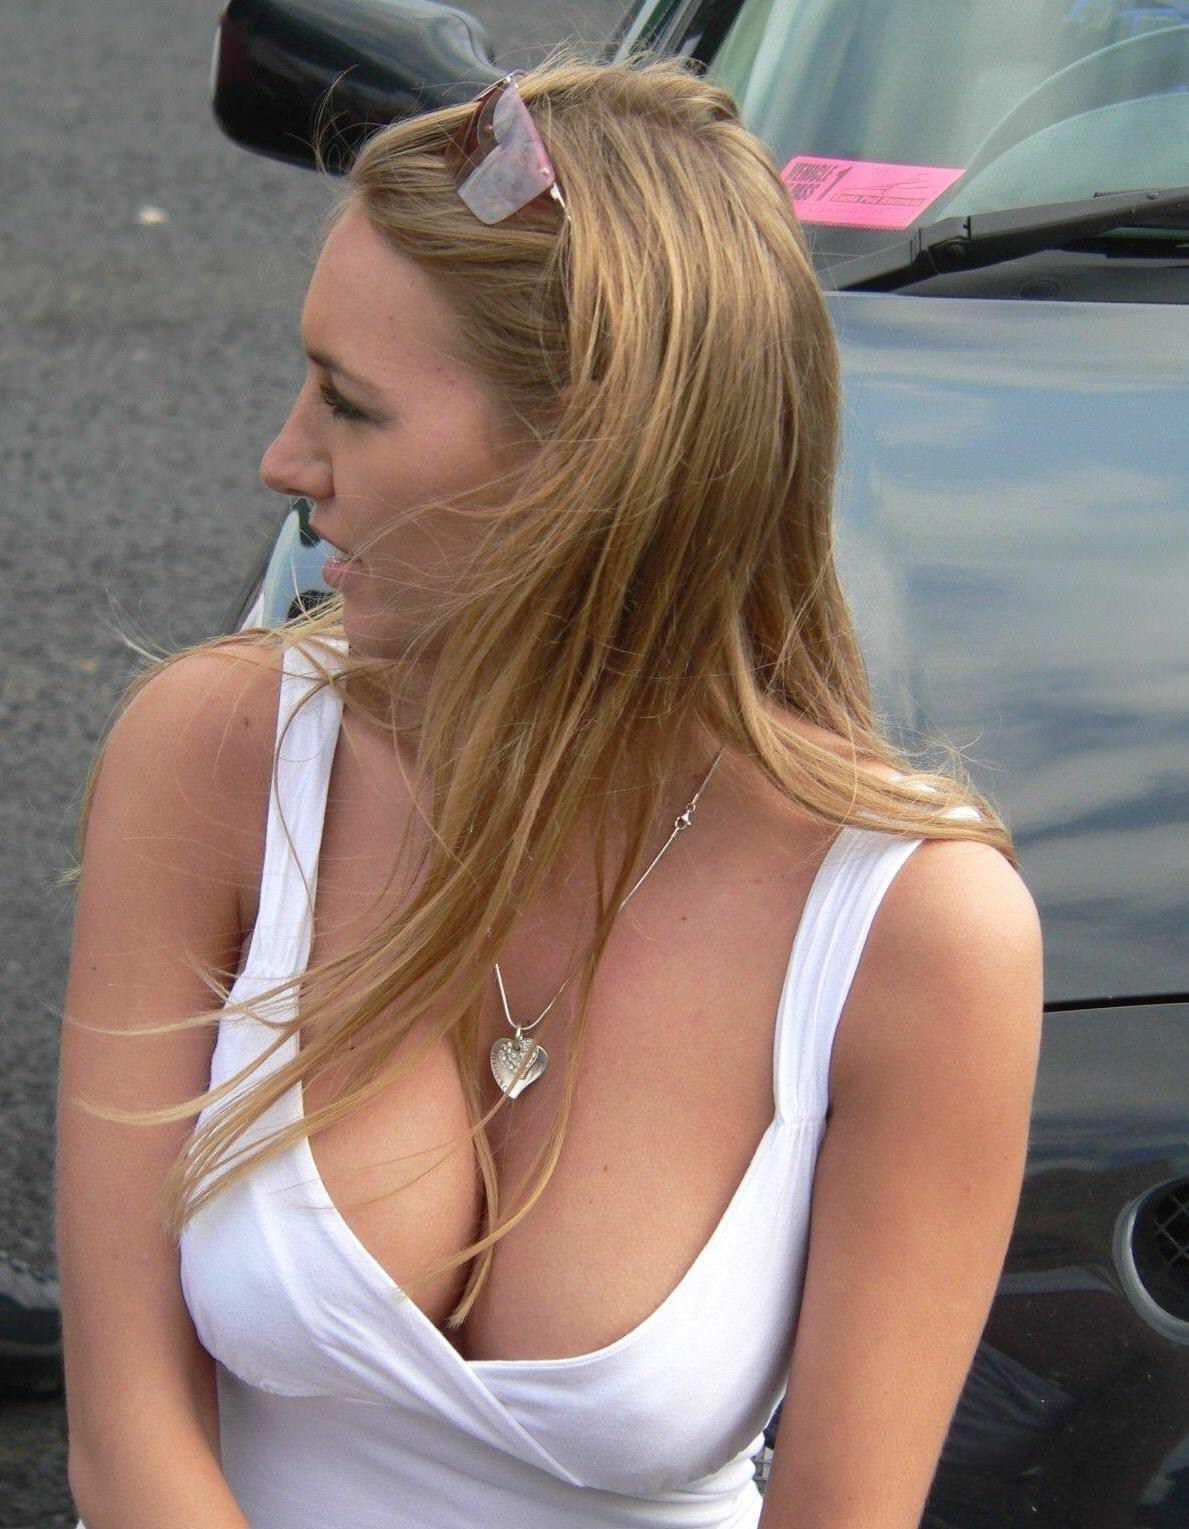 【外人】海外の素人娘たちの胸チラを激写した街撮りポルノ画像 12187